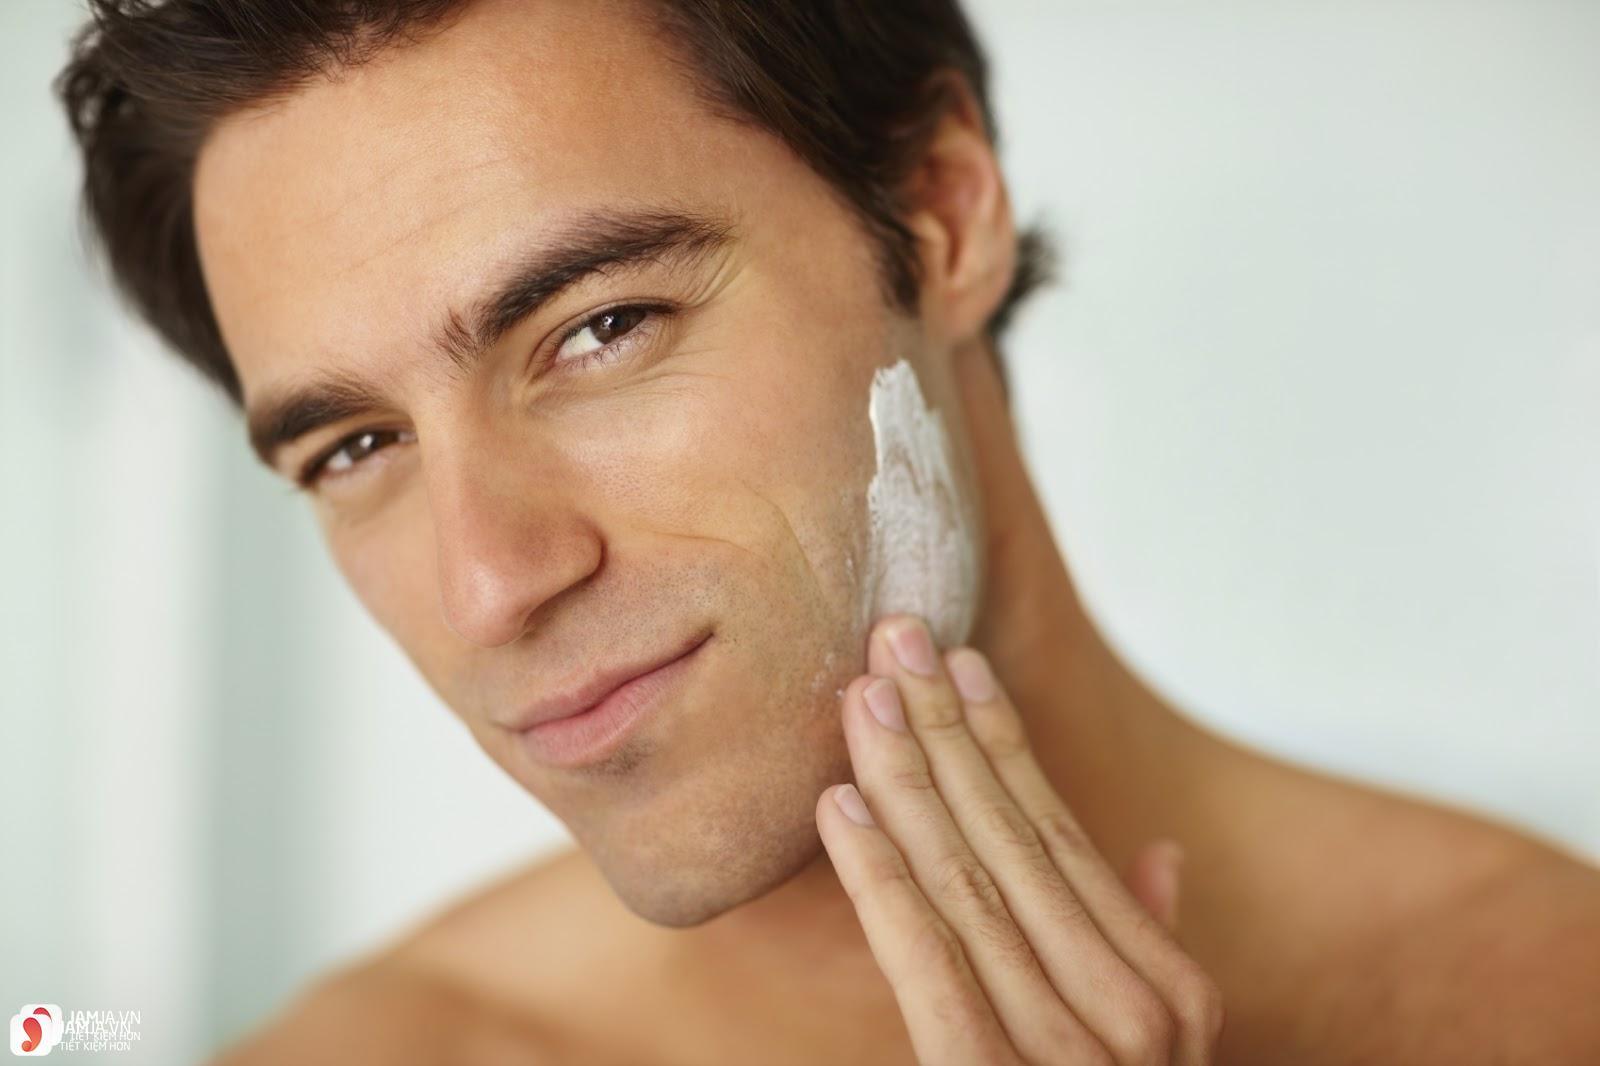 Tiêu chí chọn kem dưỡng da cho nam giới 4